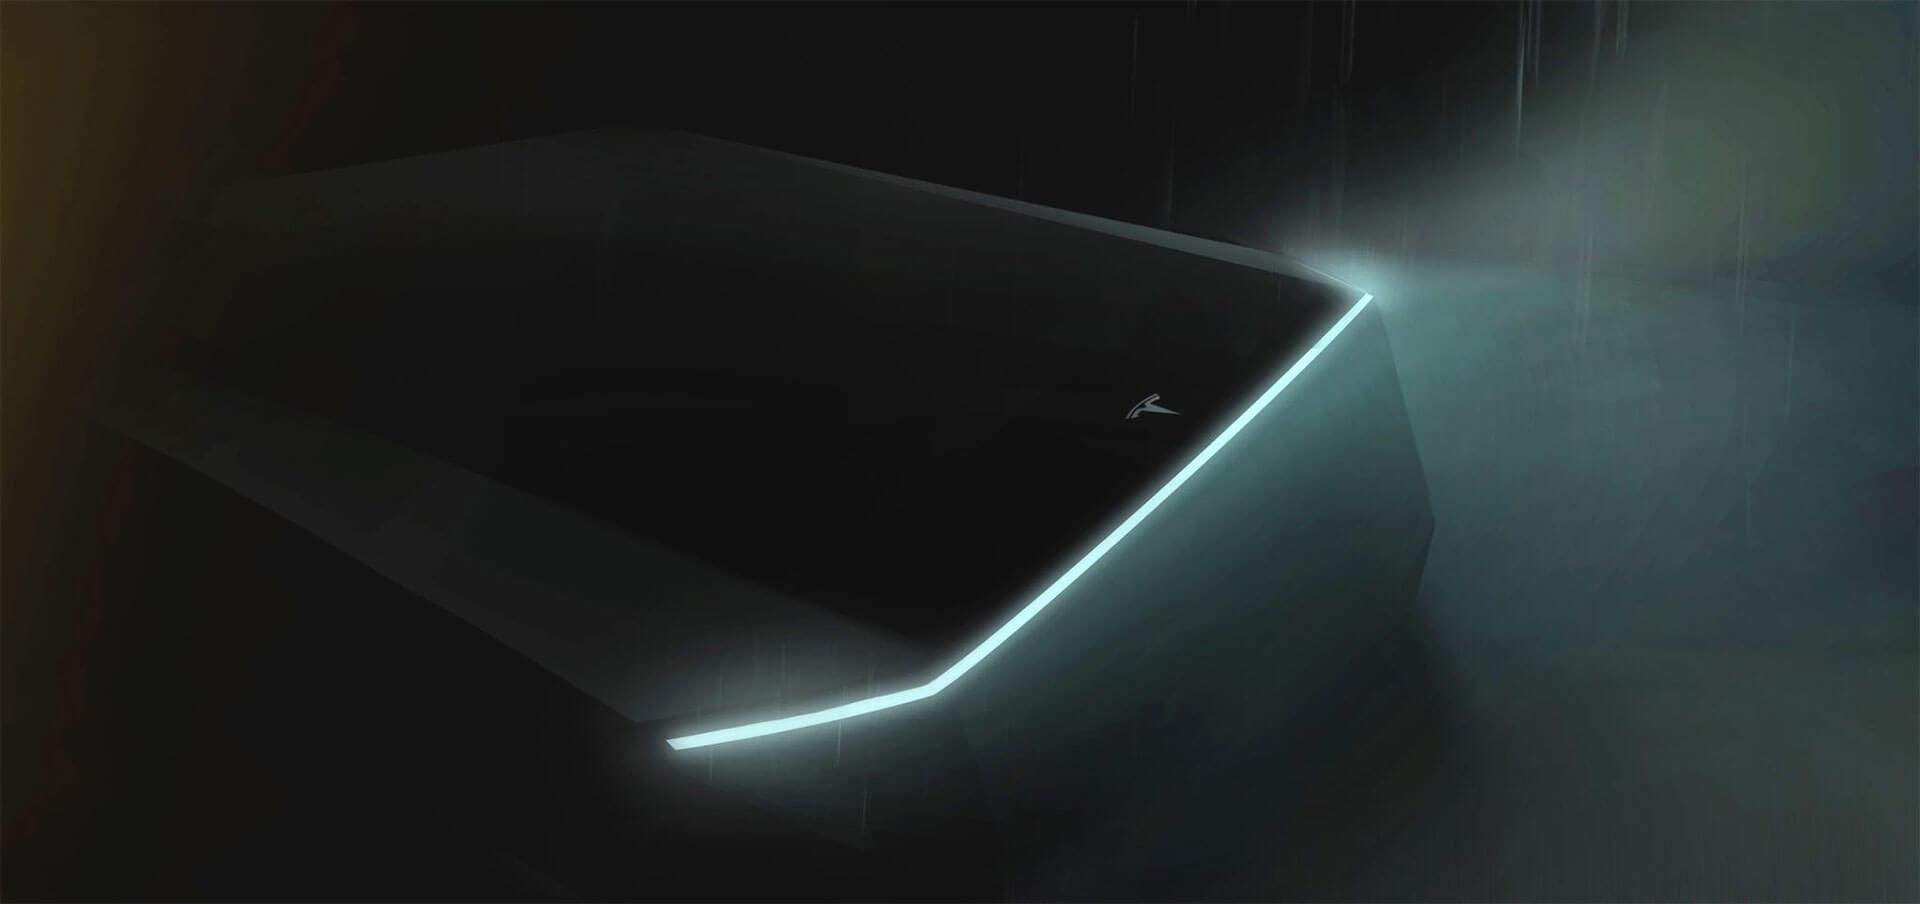 Илон Маск показал фото-тизер электрического пикапа Tesla